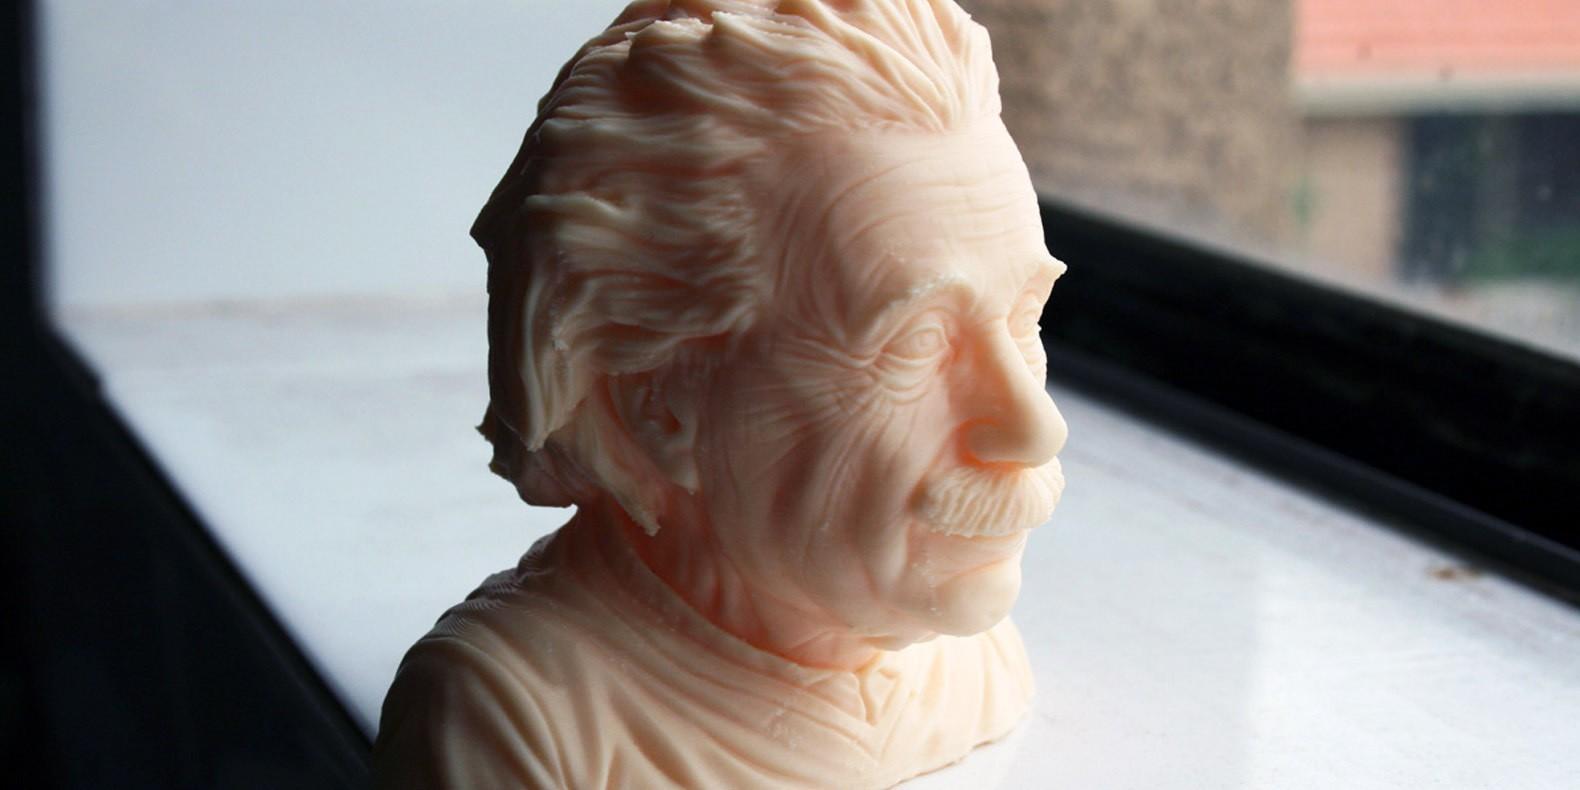 Retrouvez ici une sélection des meilleurs modèles 3D de bustes imprimables en 3D